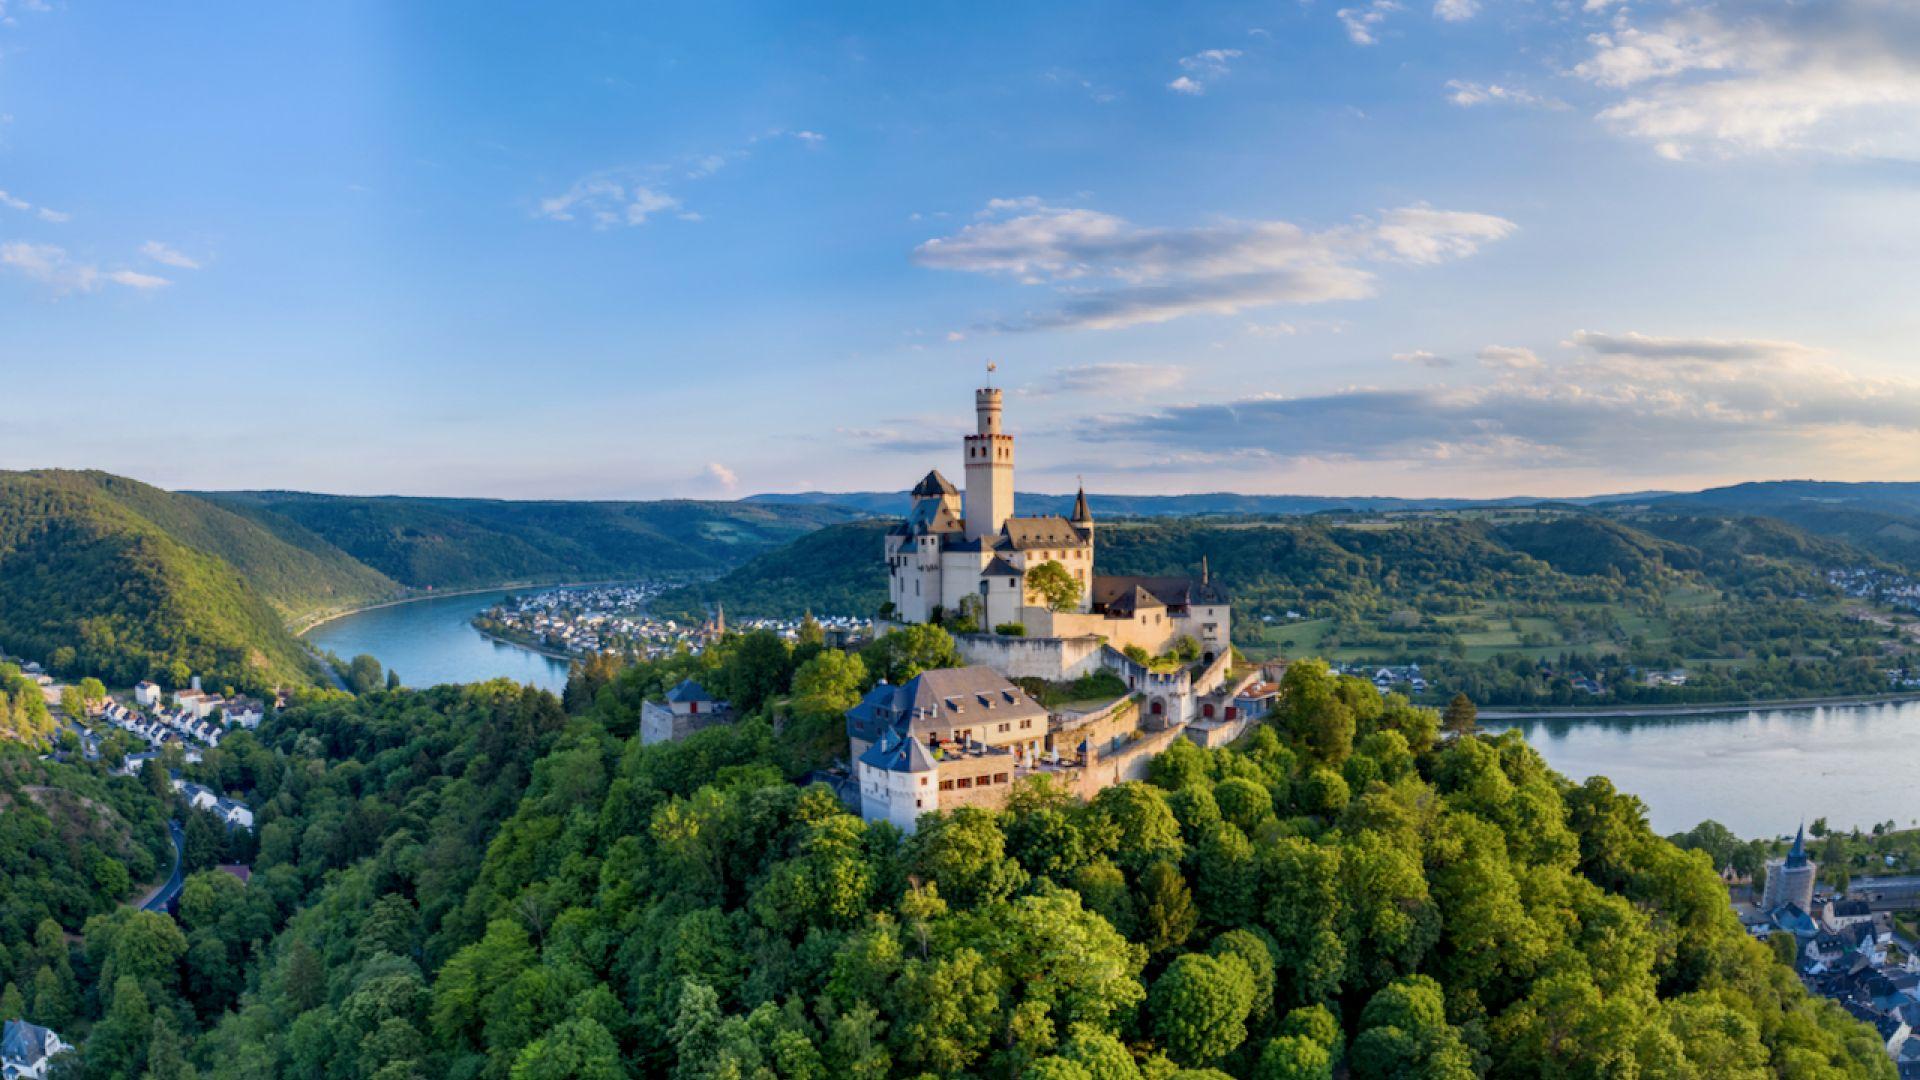 Braubach: vue aérienne de Marksburg avec vue sur le Rhin